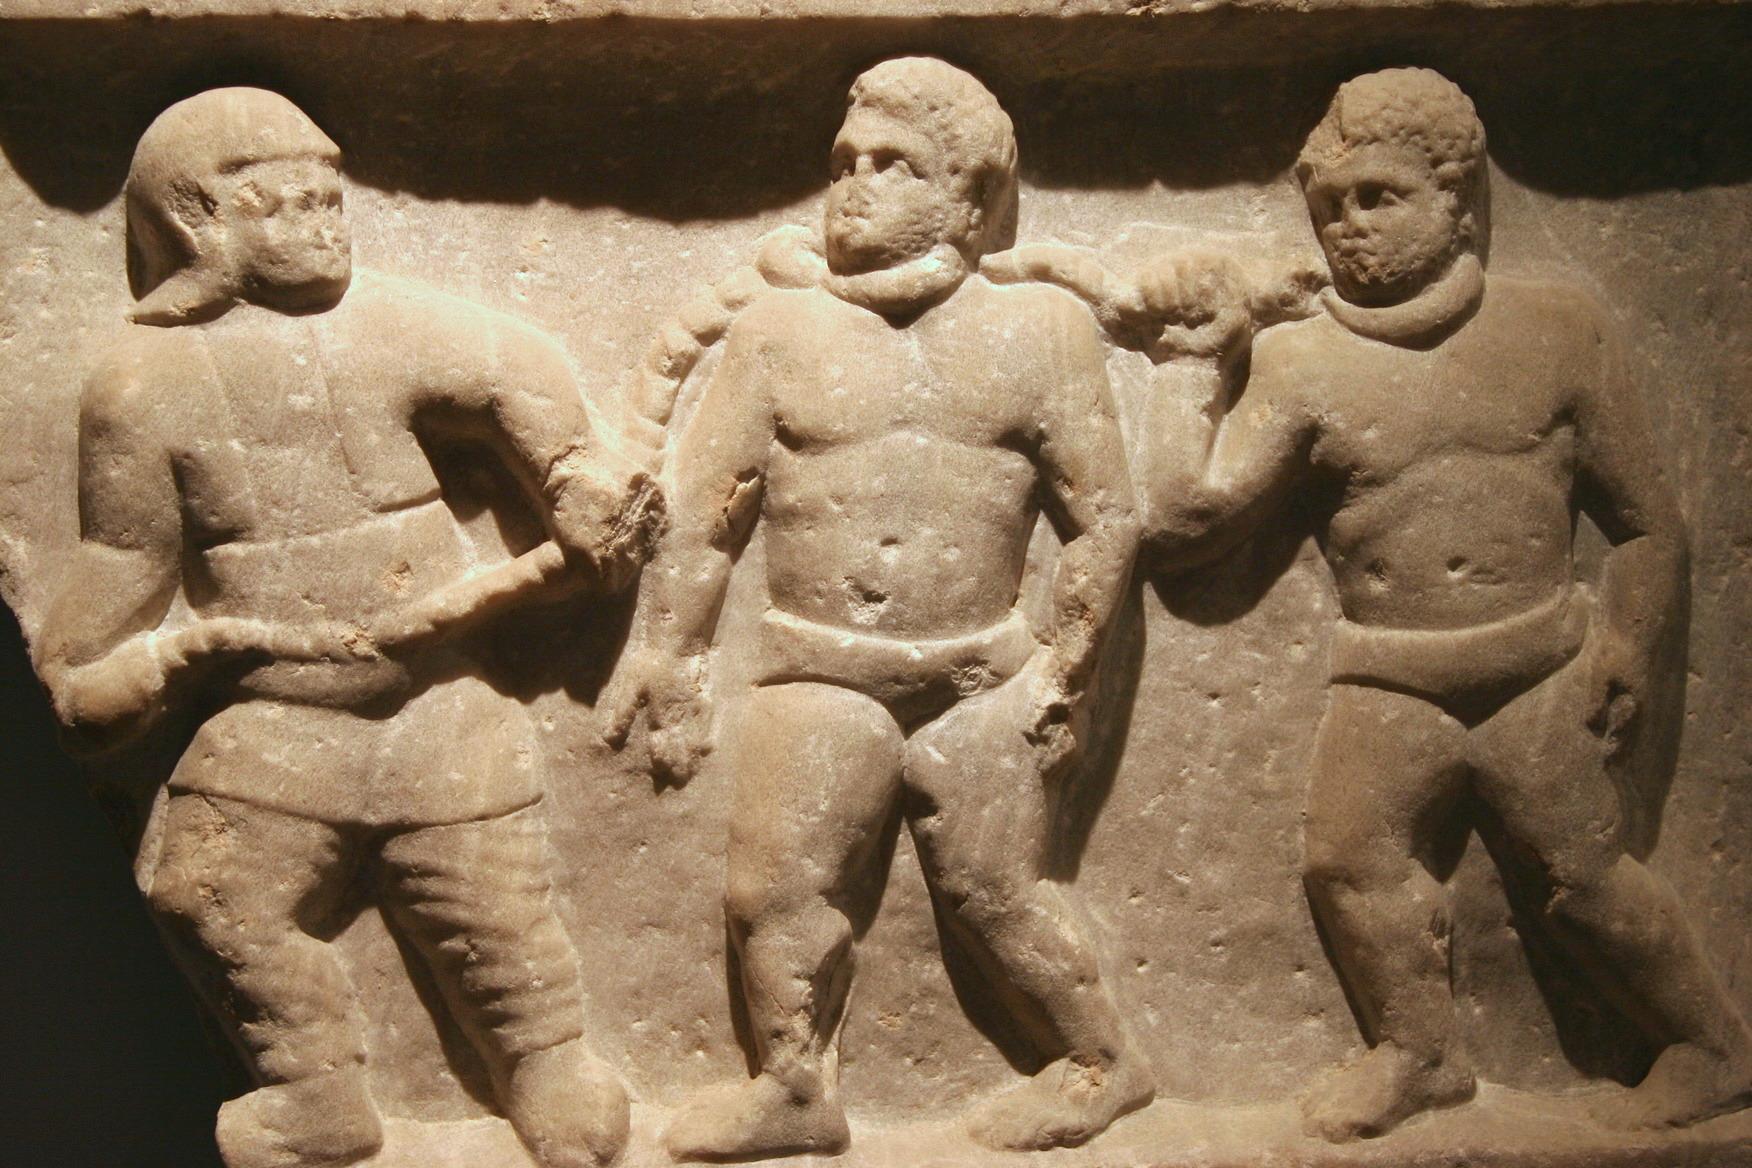 羅馬人的上鎖奴隸。//圖片來源:Jun, Flickr